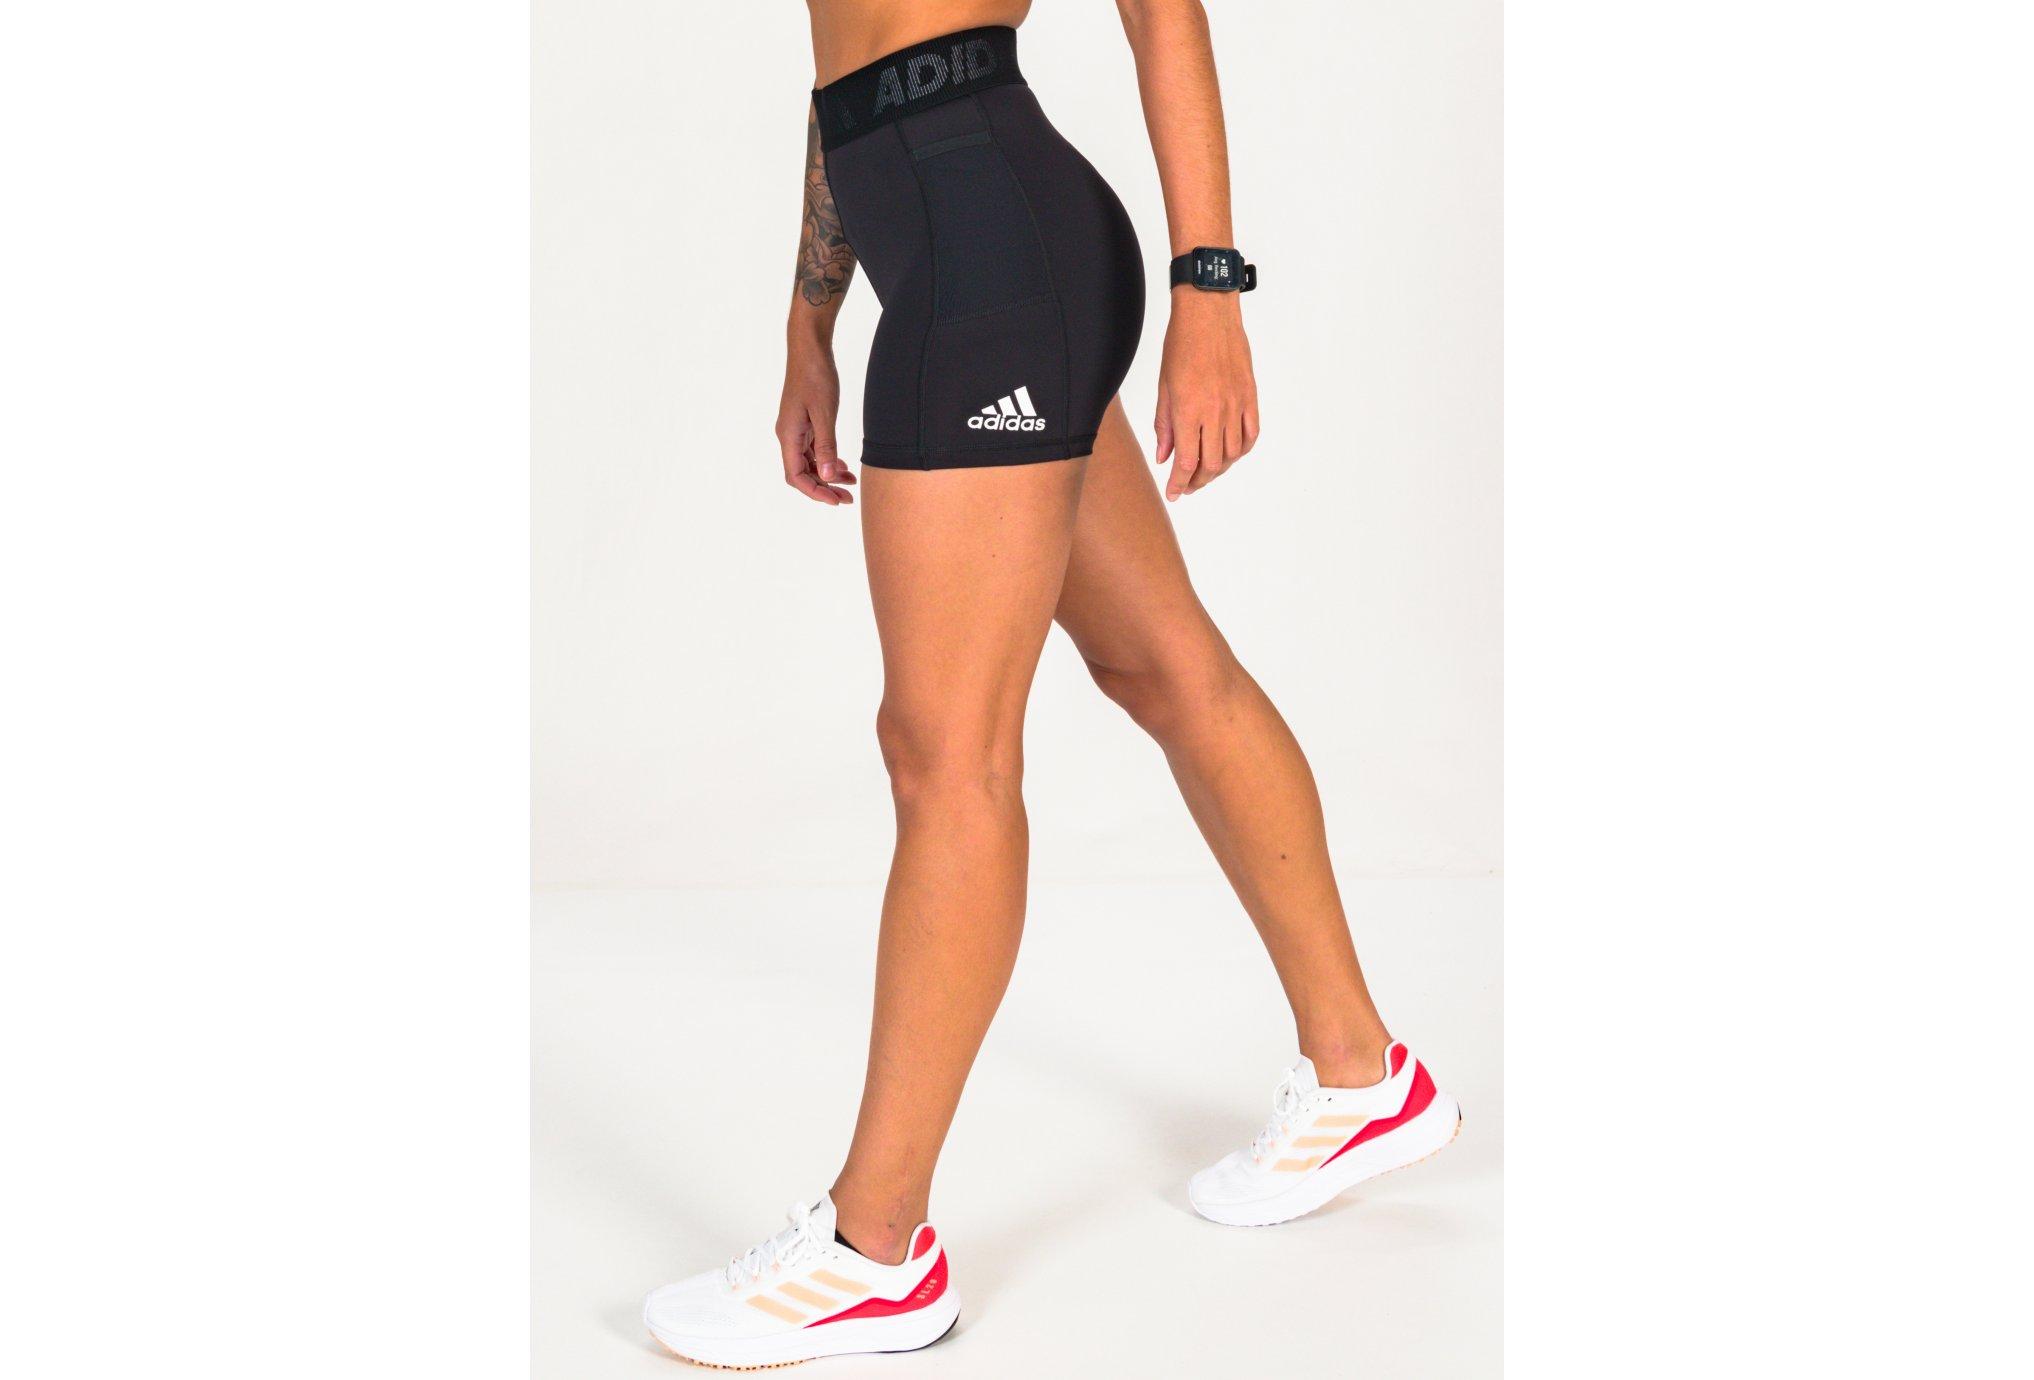 adidas Techfit Badge of Sport Primegreen W vêtement running femme